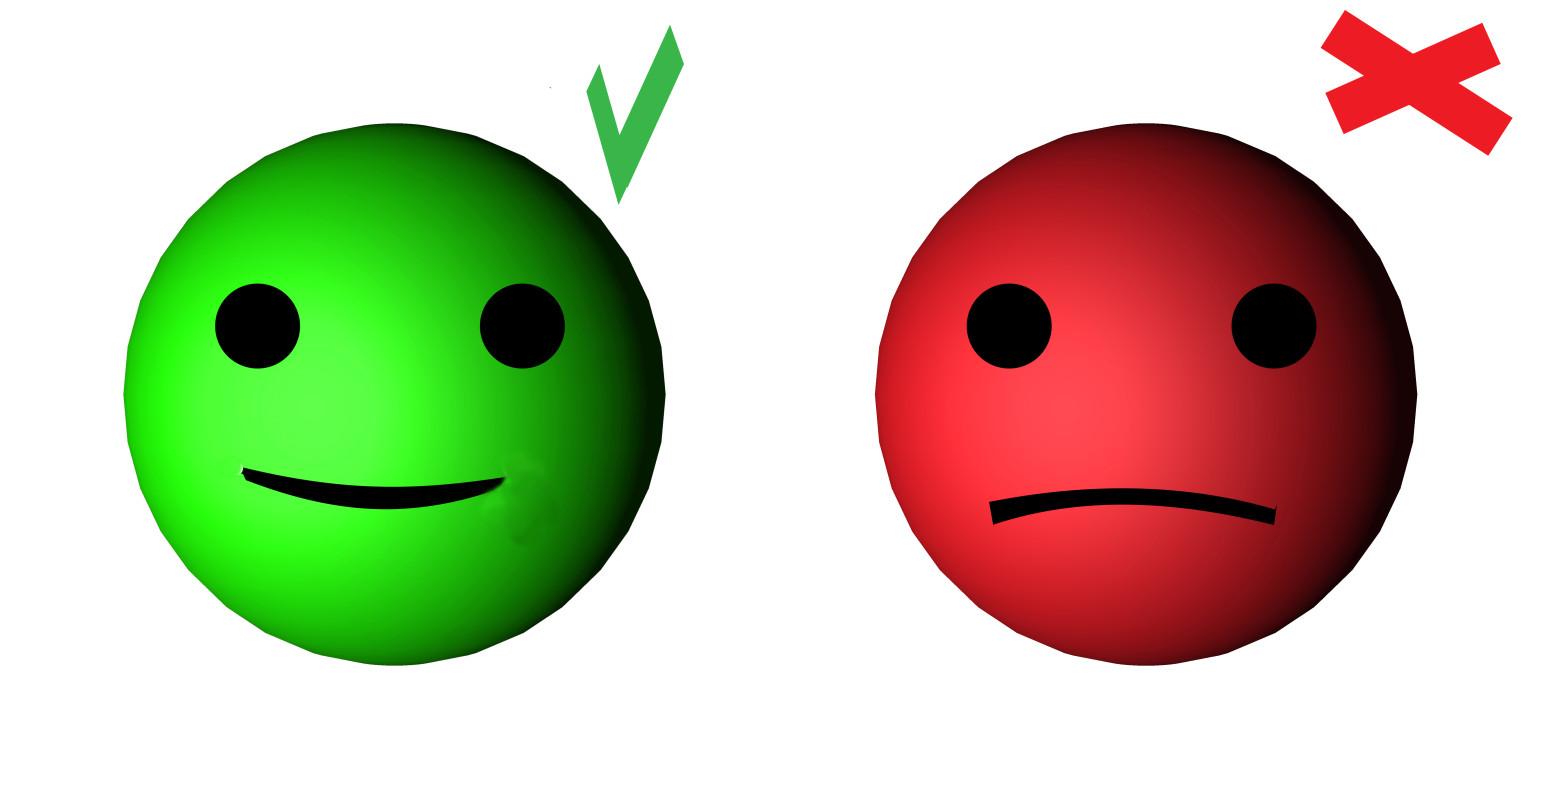 Smiley émoticône Vrai Faux Symbole Bonne Ou Mauvaise Réponse Images